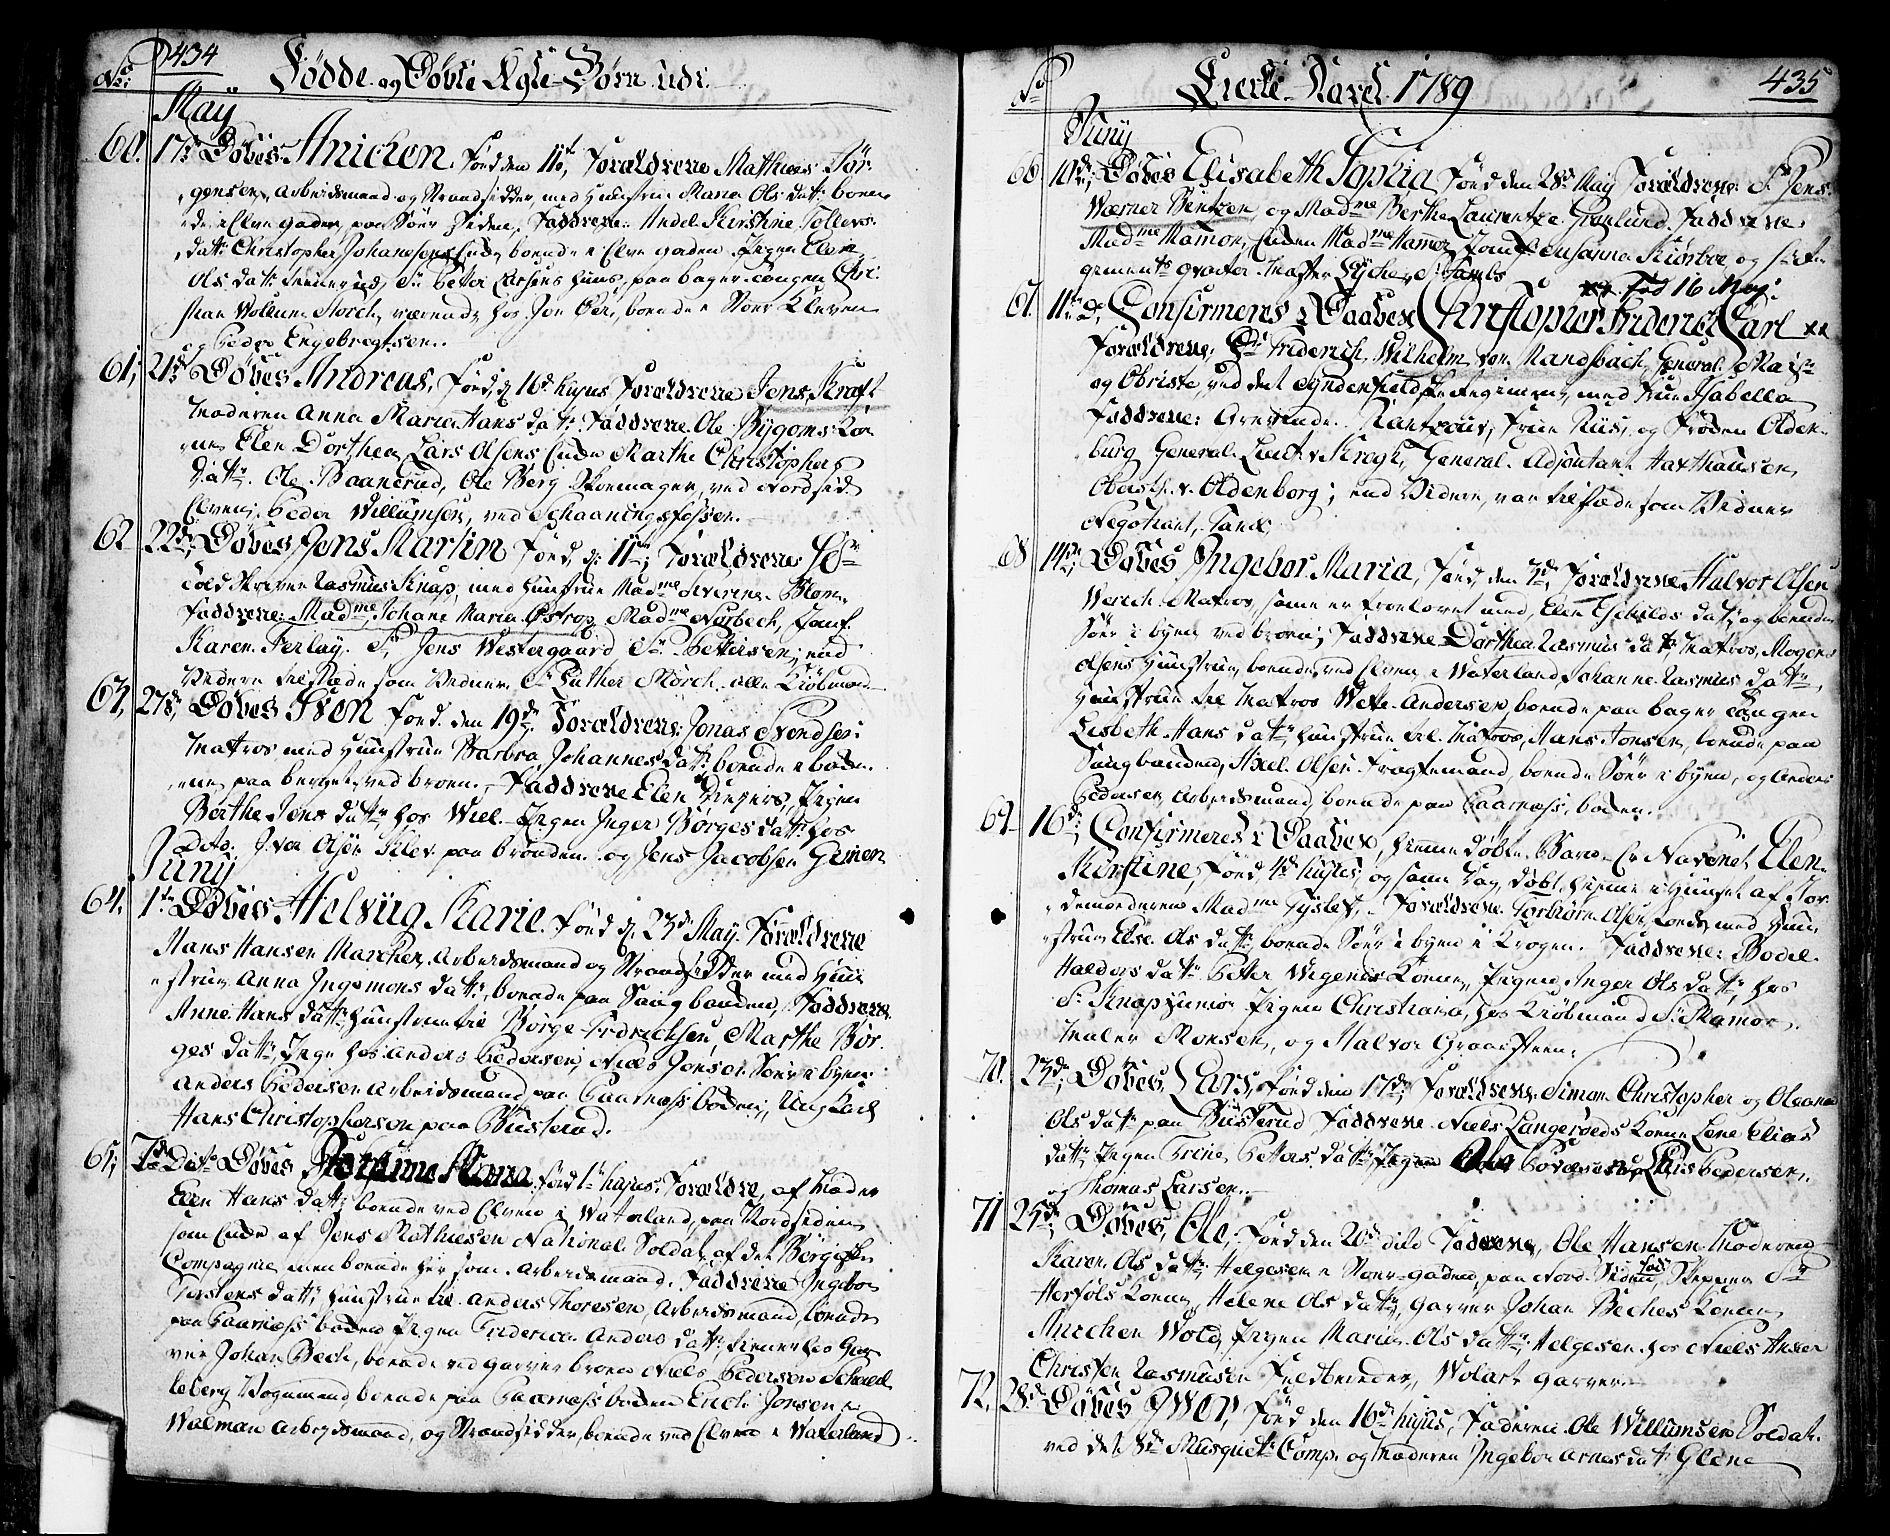 SAO, Halden prestekontor Kirkebøker, F/Fa/L0001: Ministerialbok nr. I 1, 1758-1791, s. 434-435